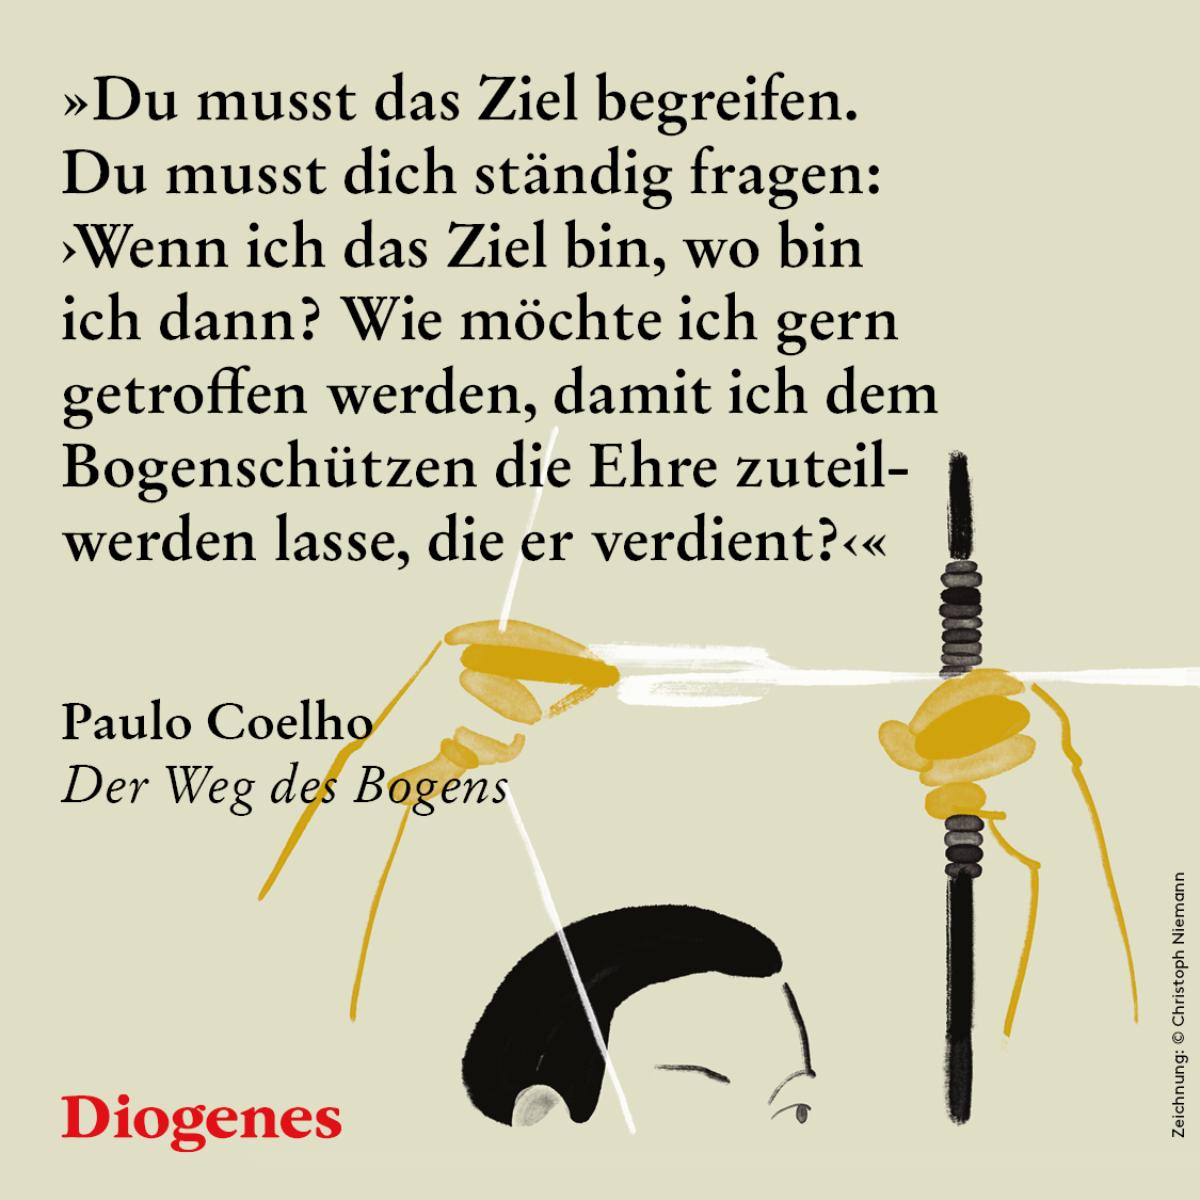 Coelho zitat paulo Coelho Zitate